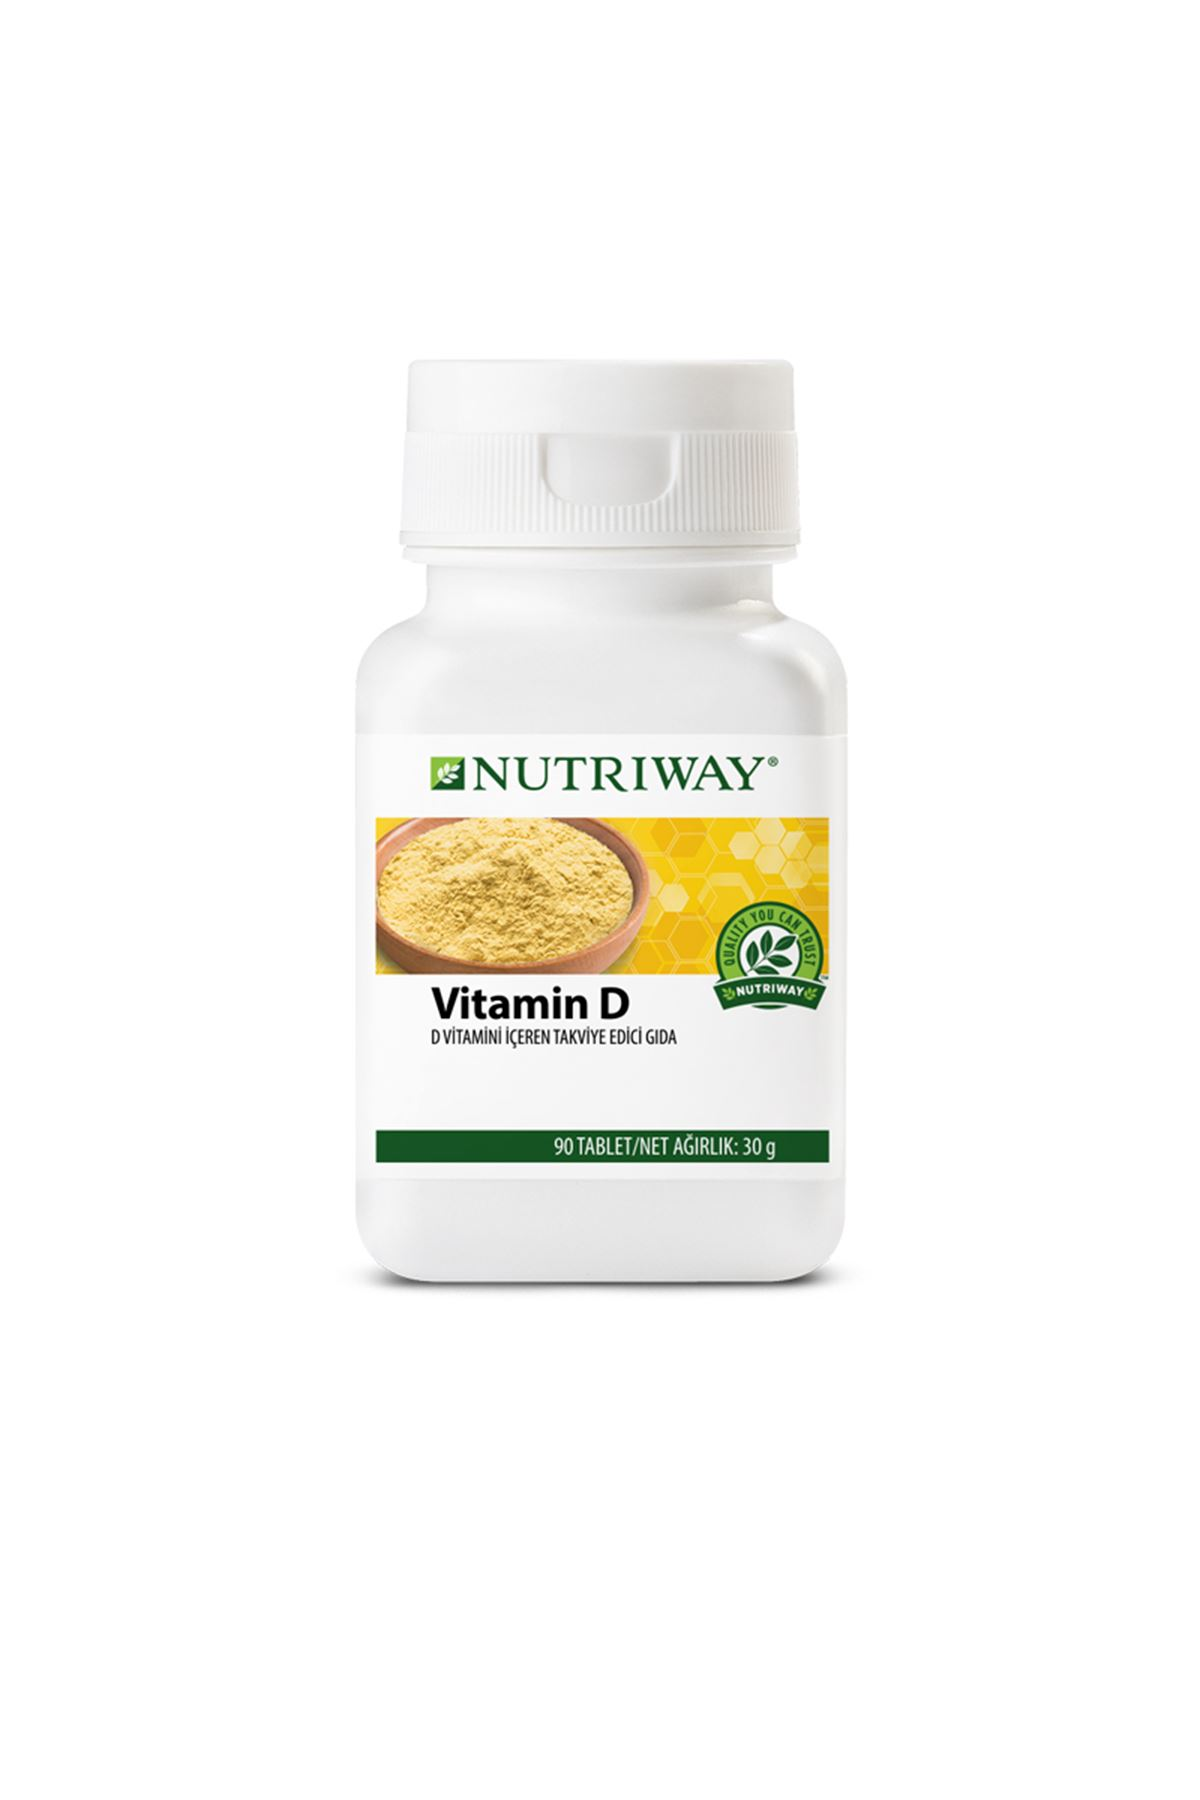 Vitamin D - NUTRIWAY™